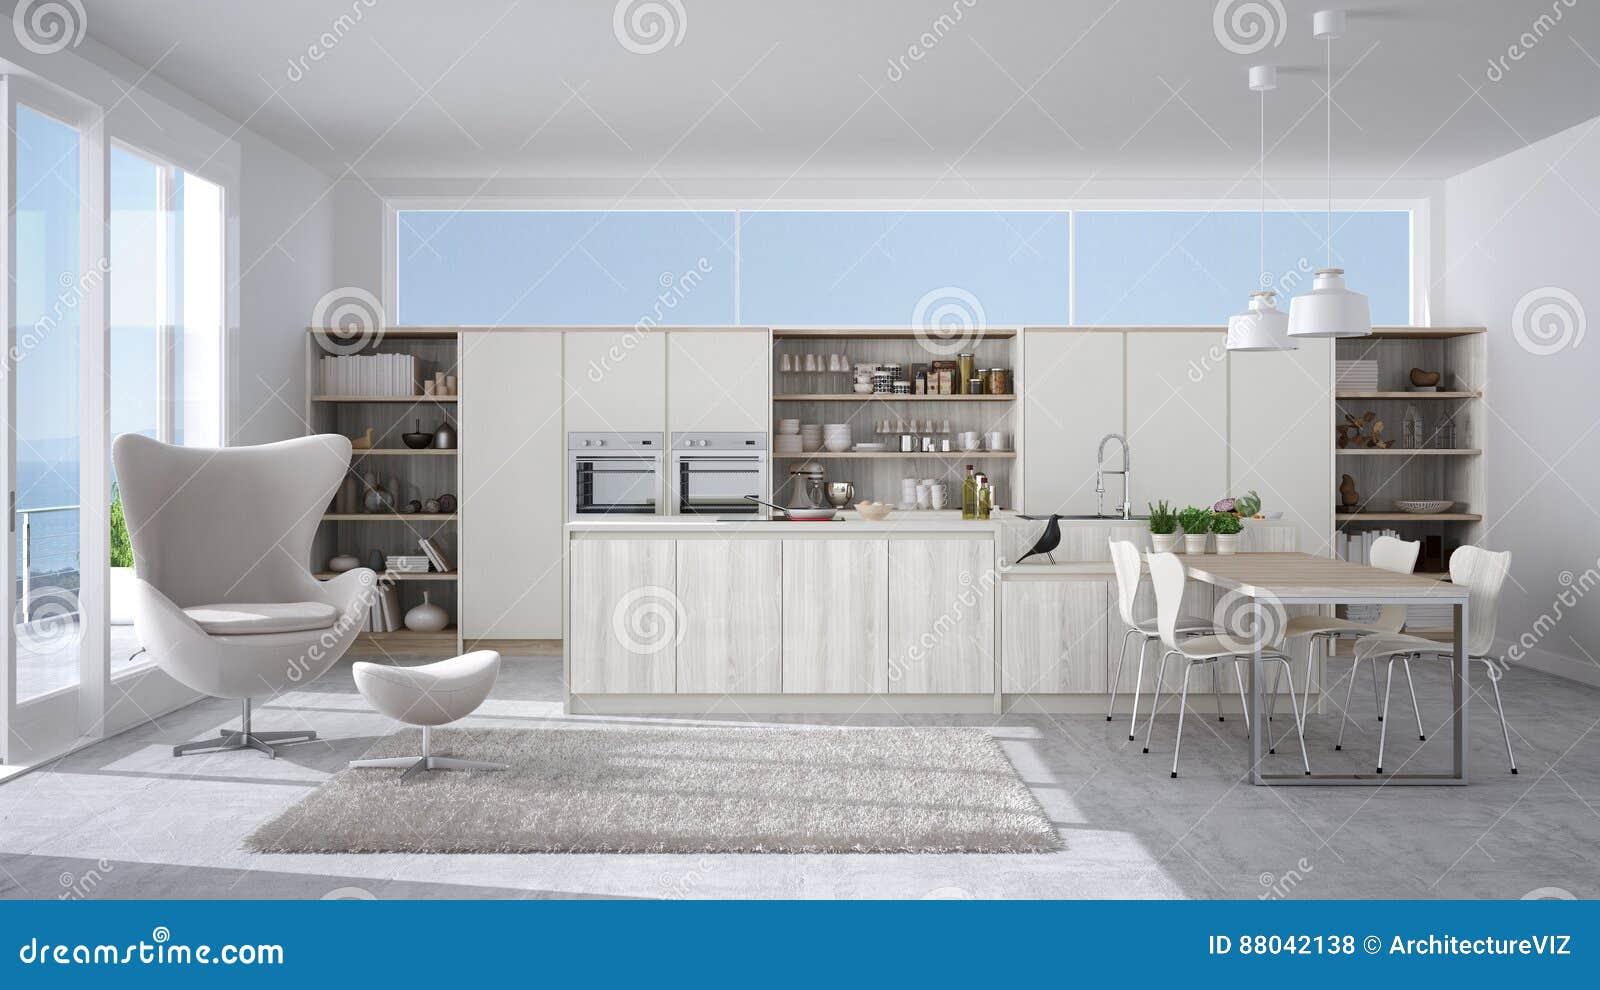 Cozinha Branca Moderna Com Detalhes De Madeira A Janela Grande Com